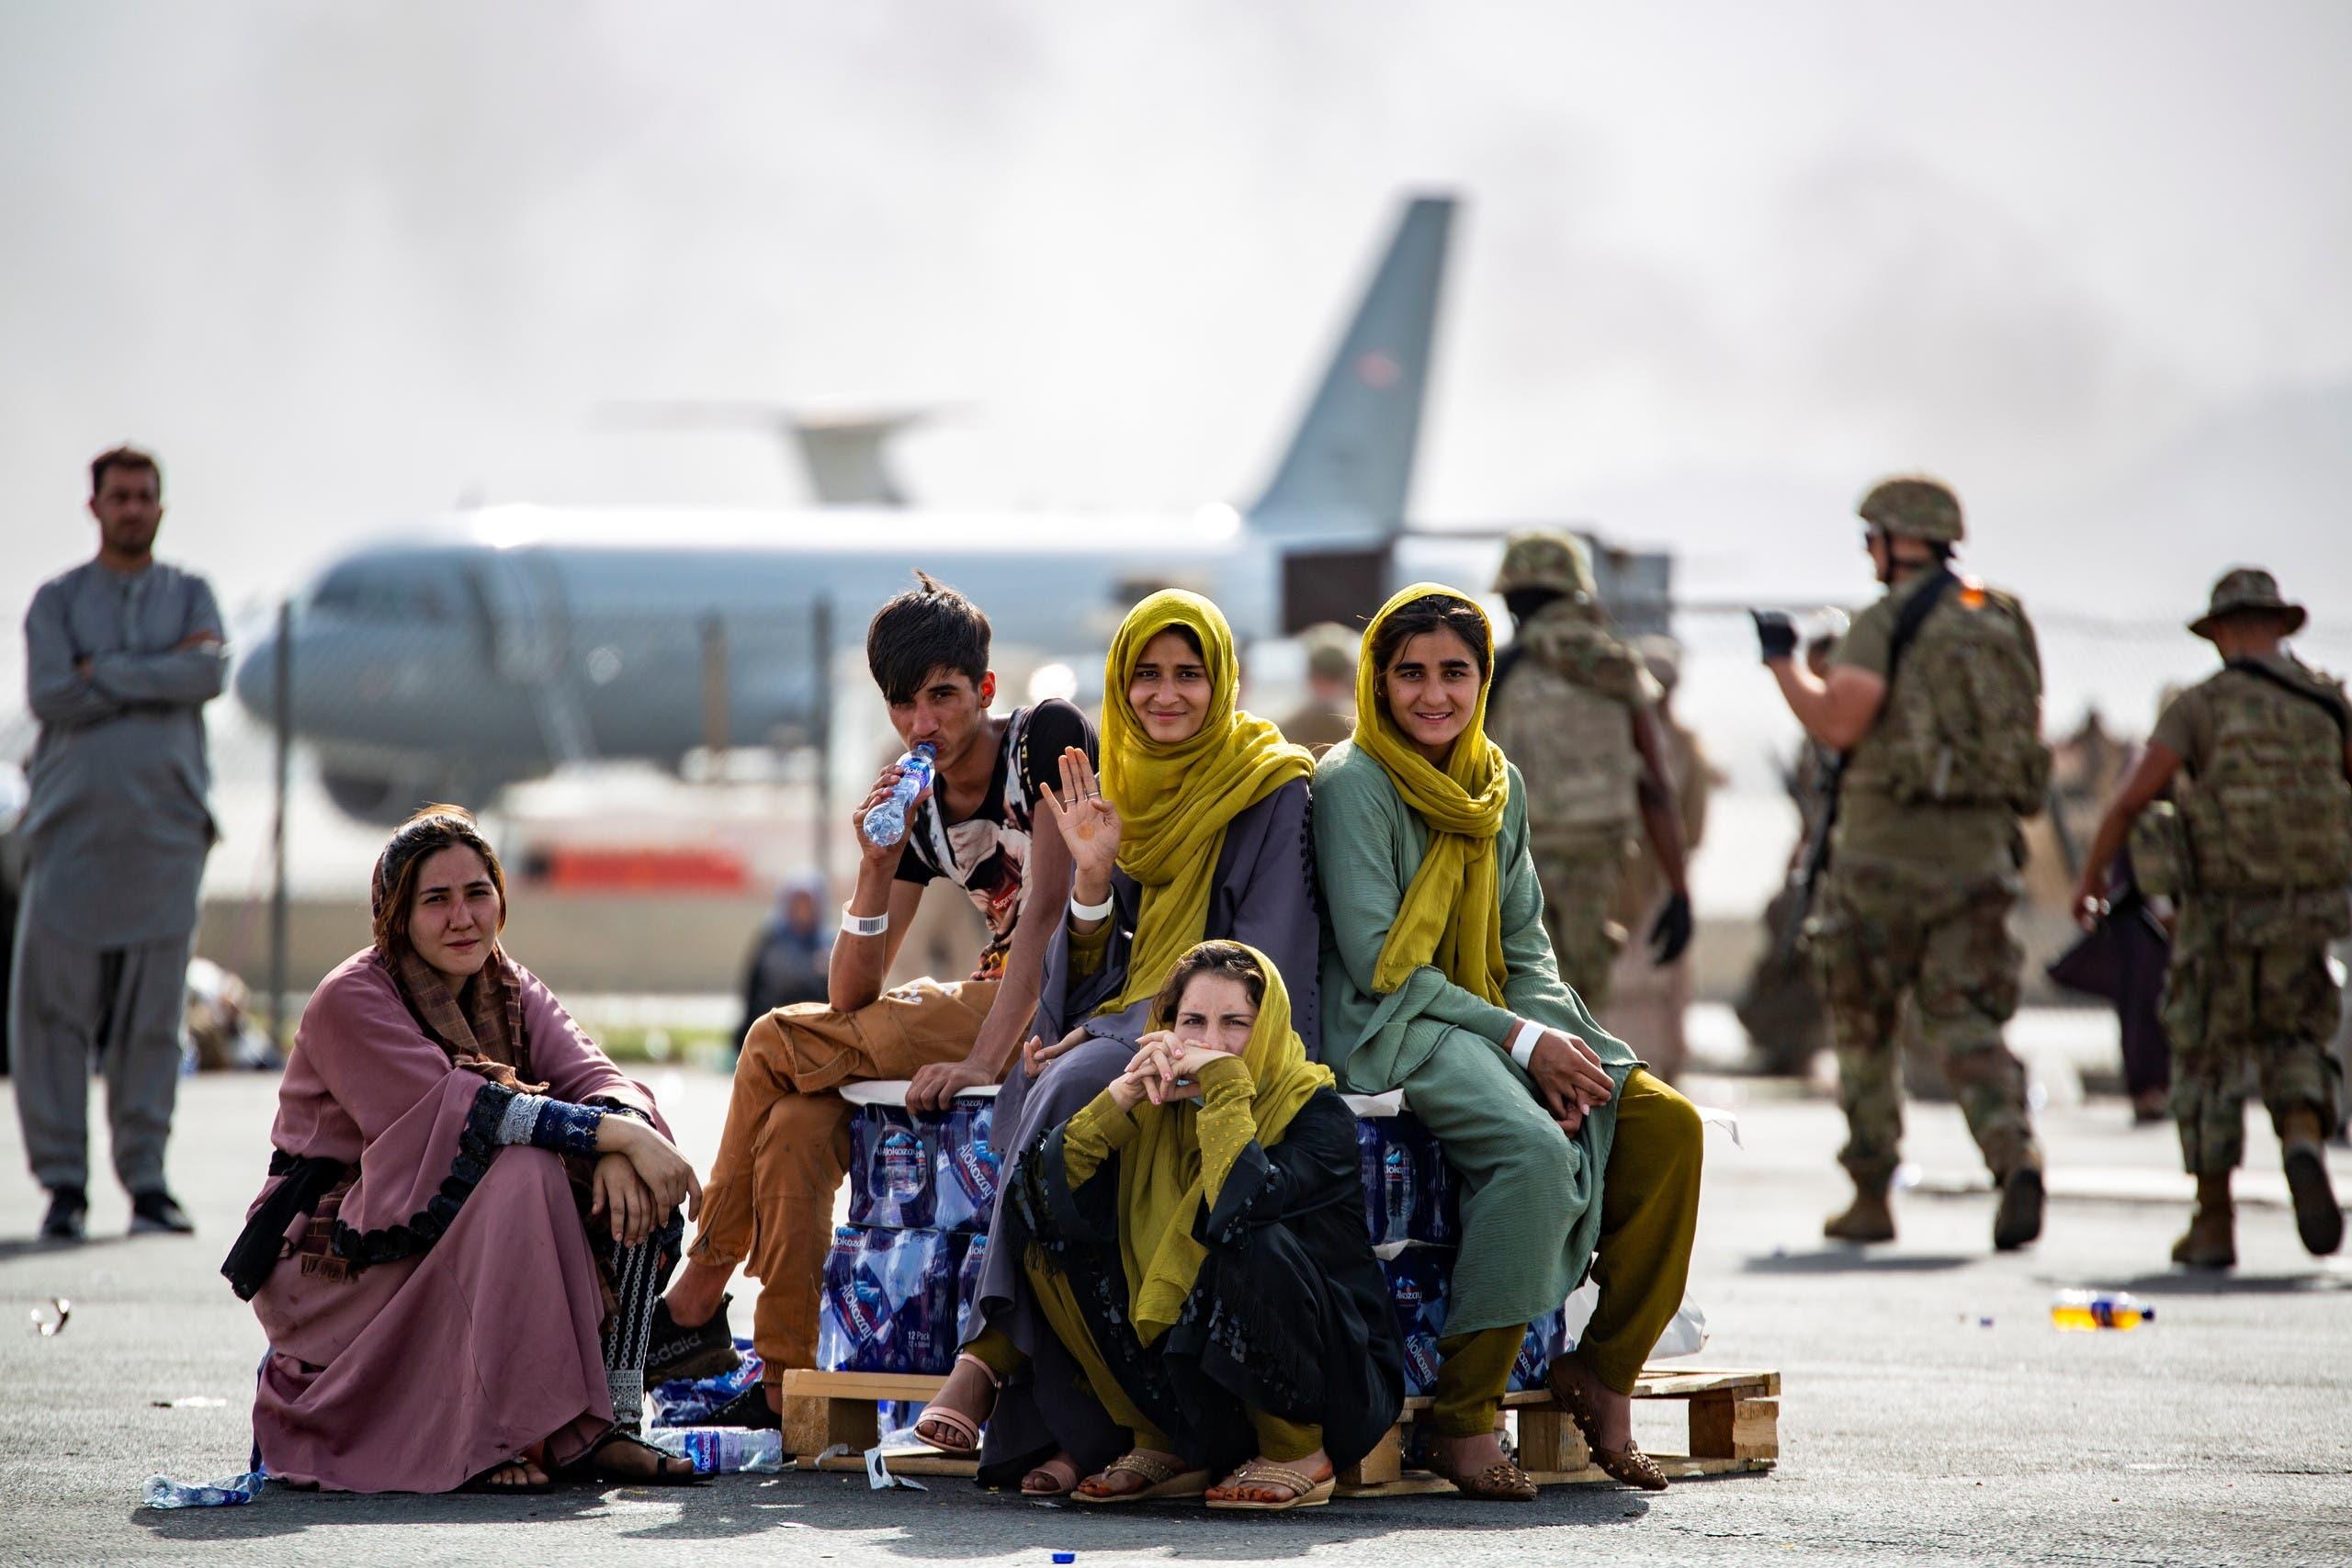 بعض الأفغان ينتظرون دورهم في الإجلاء